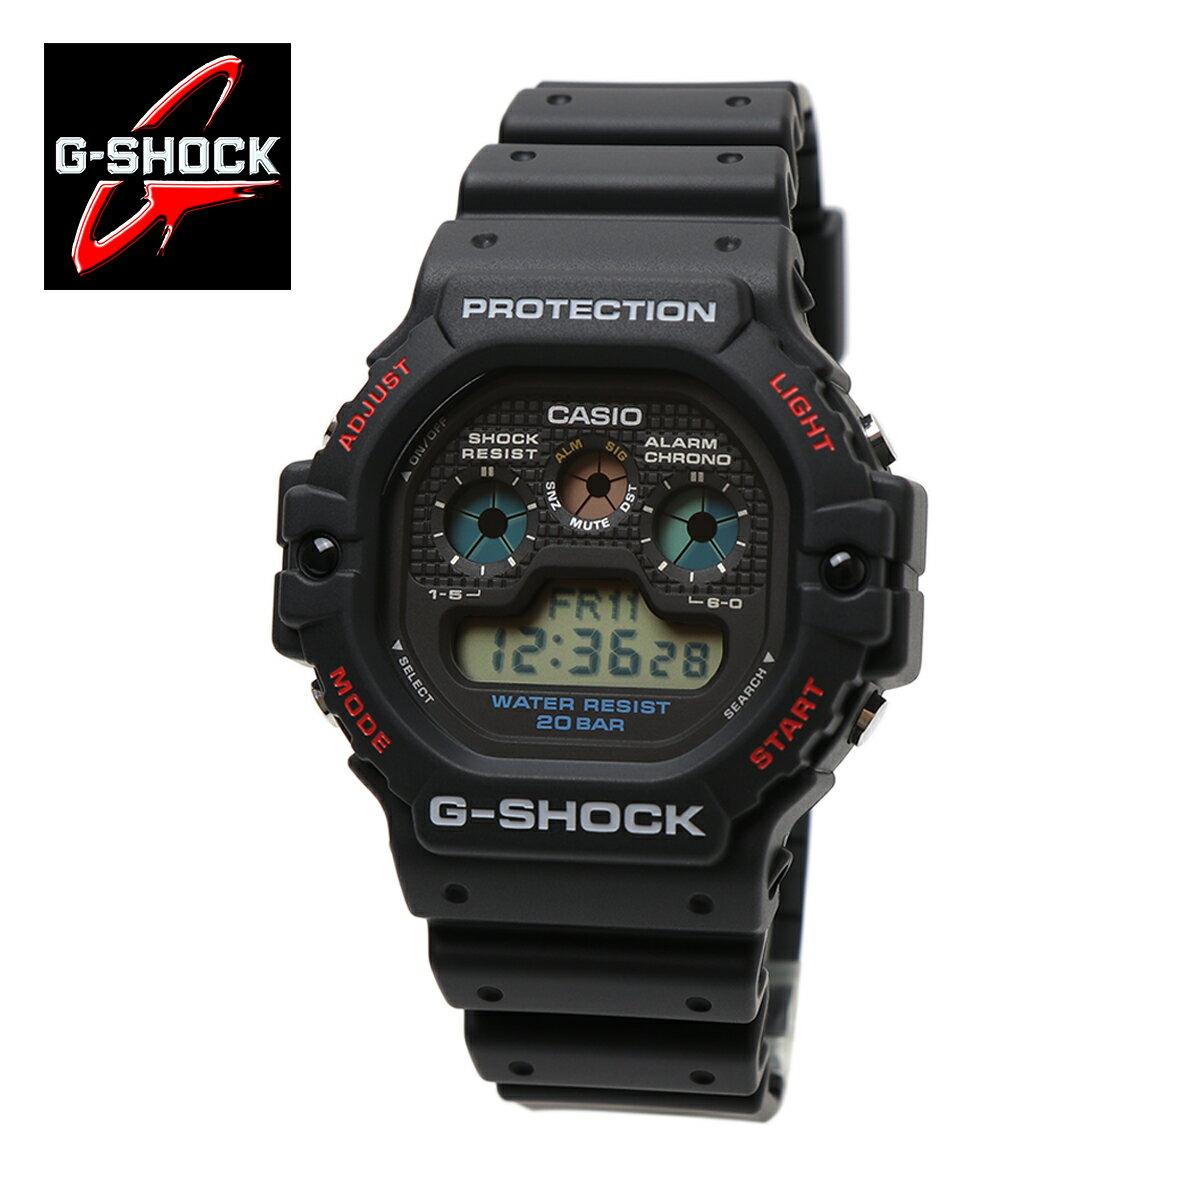 腕時計, メンズ腕時計 OK3 CASIO G GSHOCK DW-5900-1 5900 ORIGIN octagon